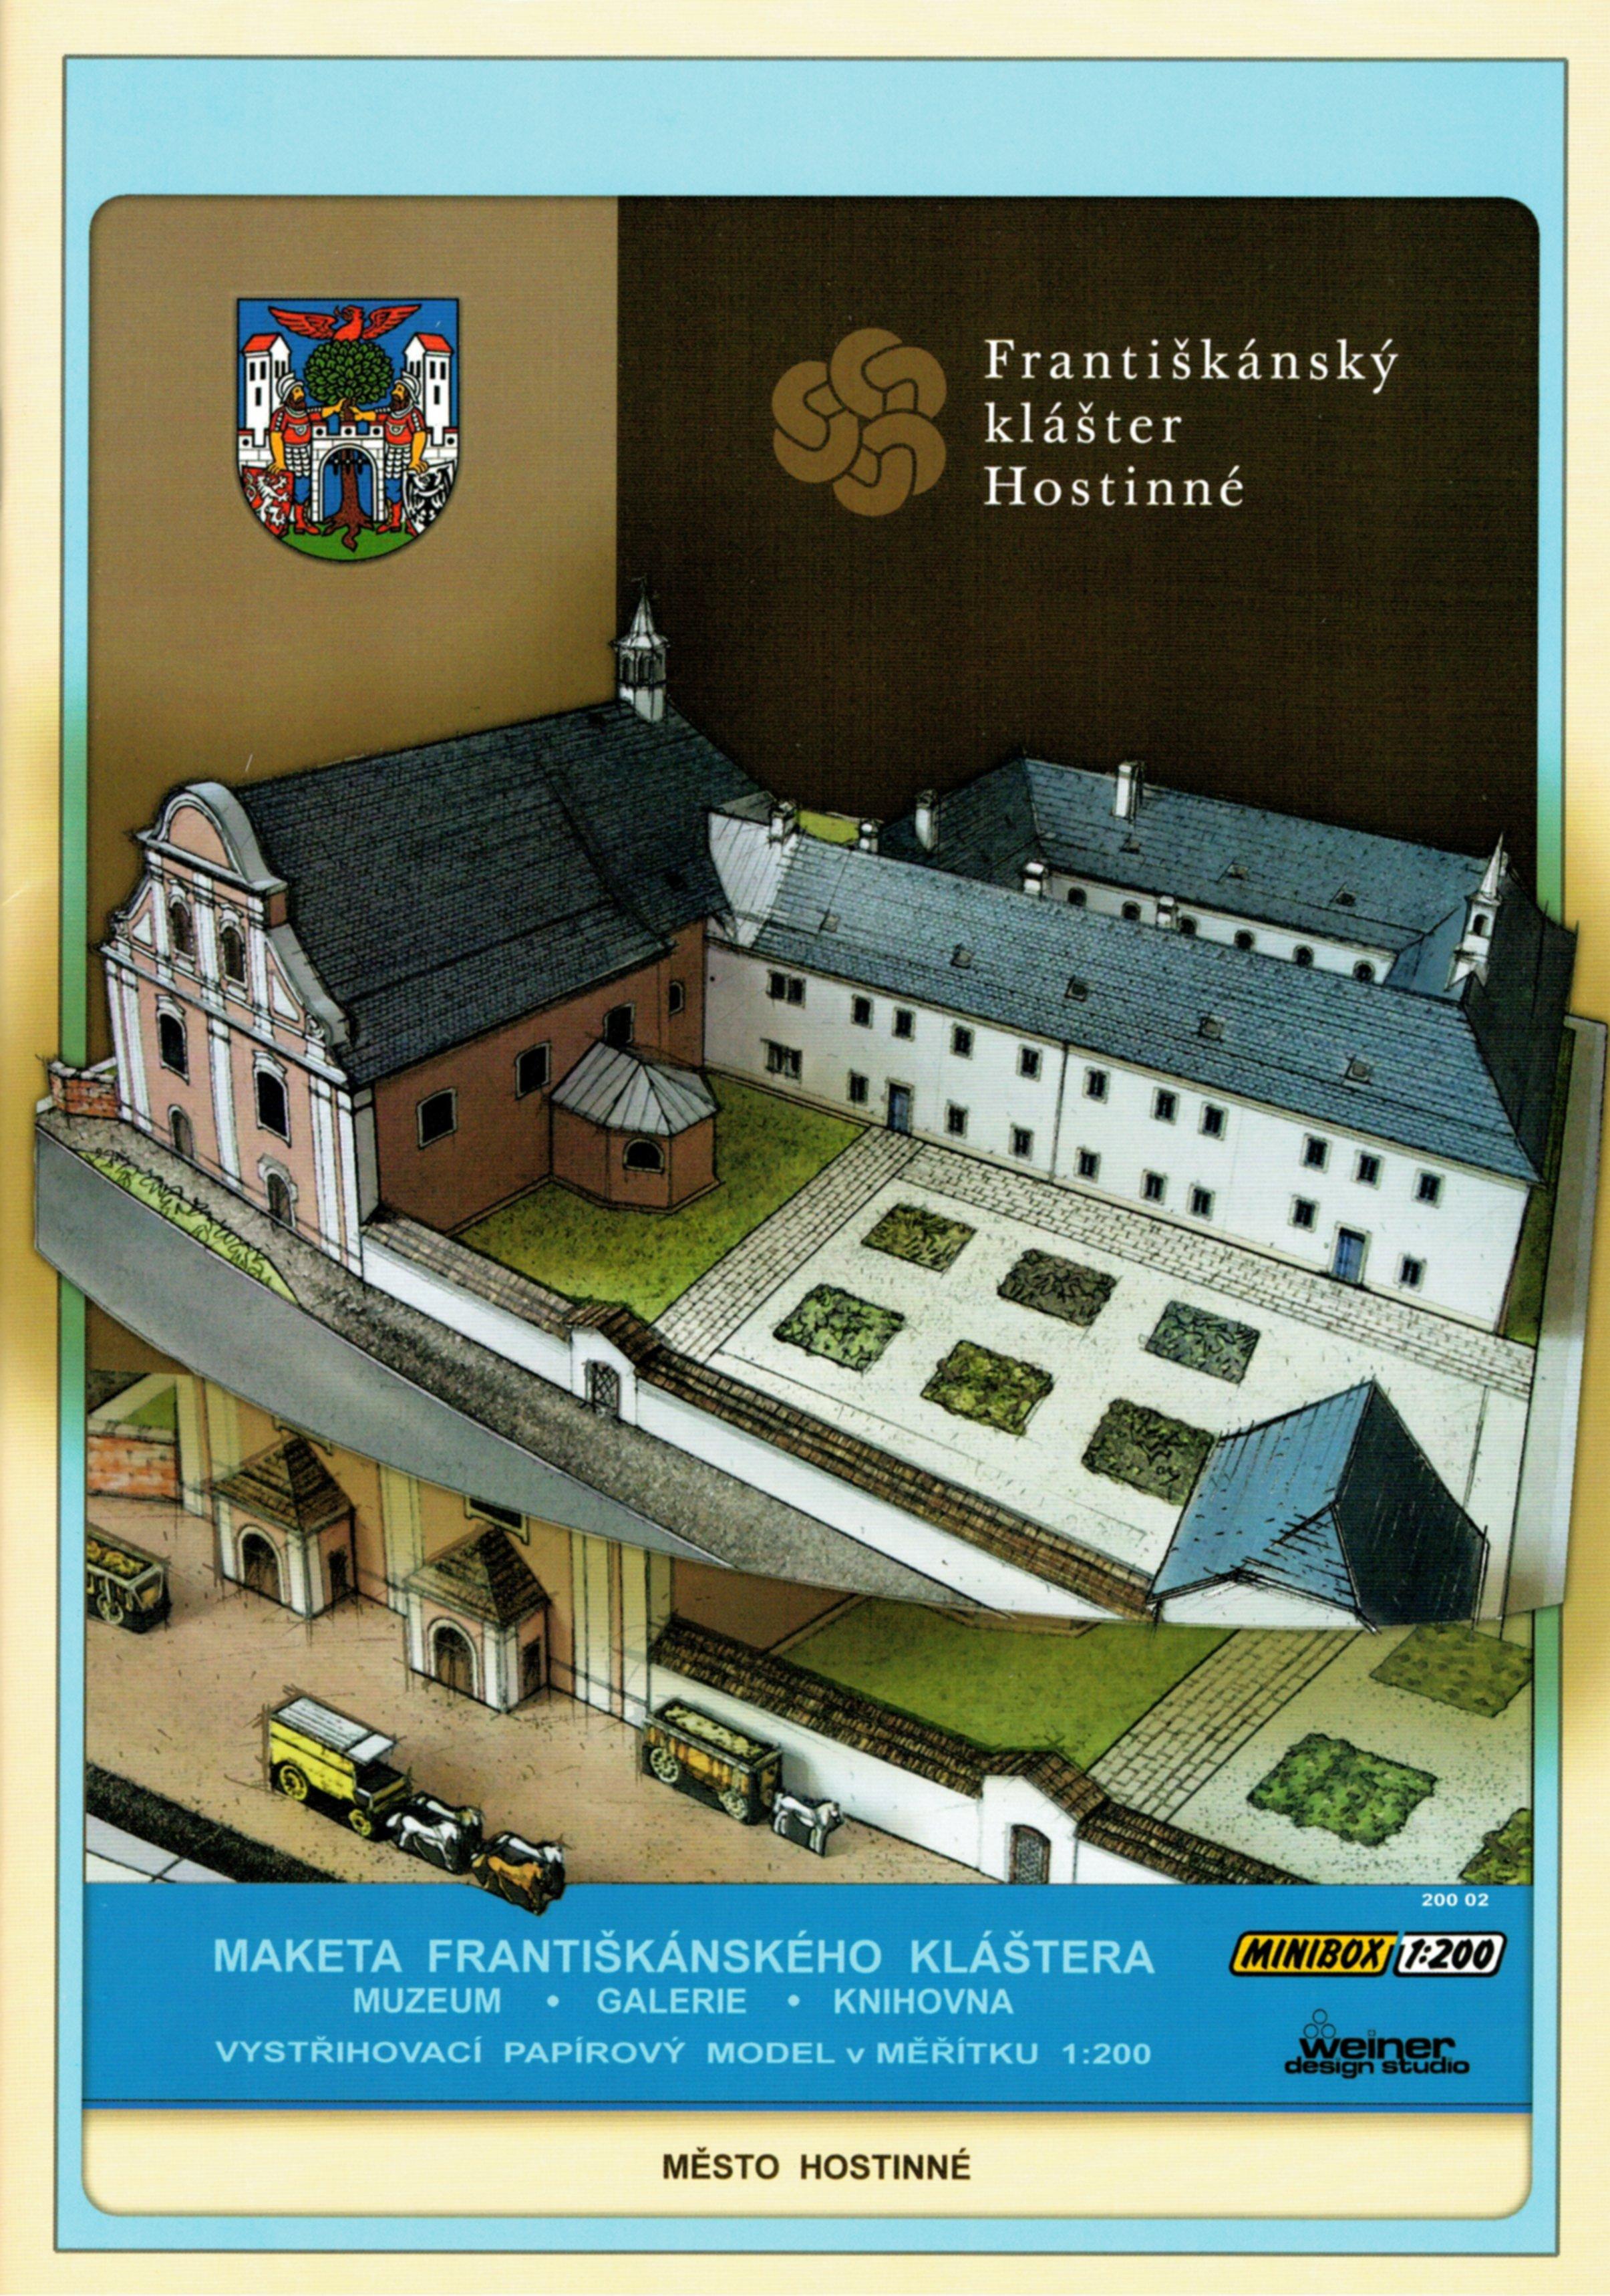 novinka / news - minibox WDS -  Františkánský klášter Hostinné